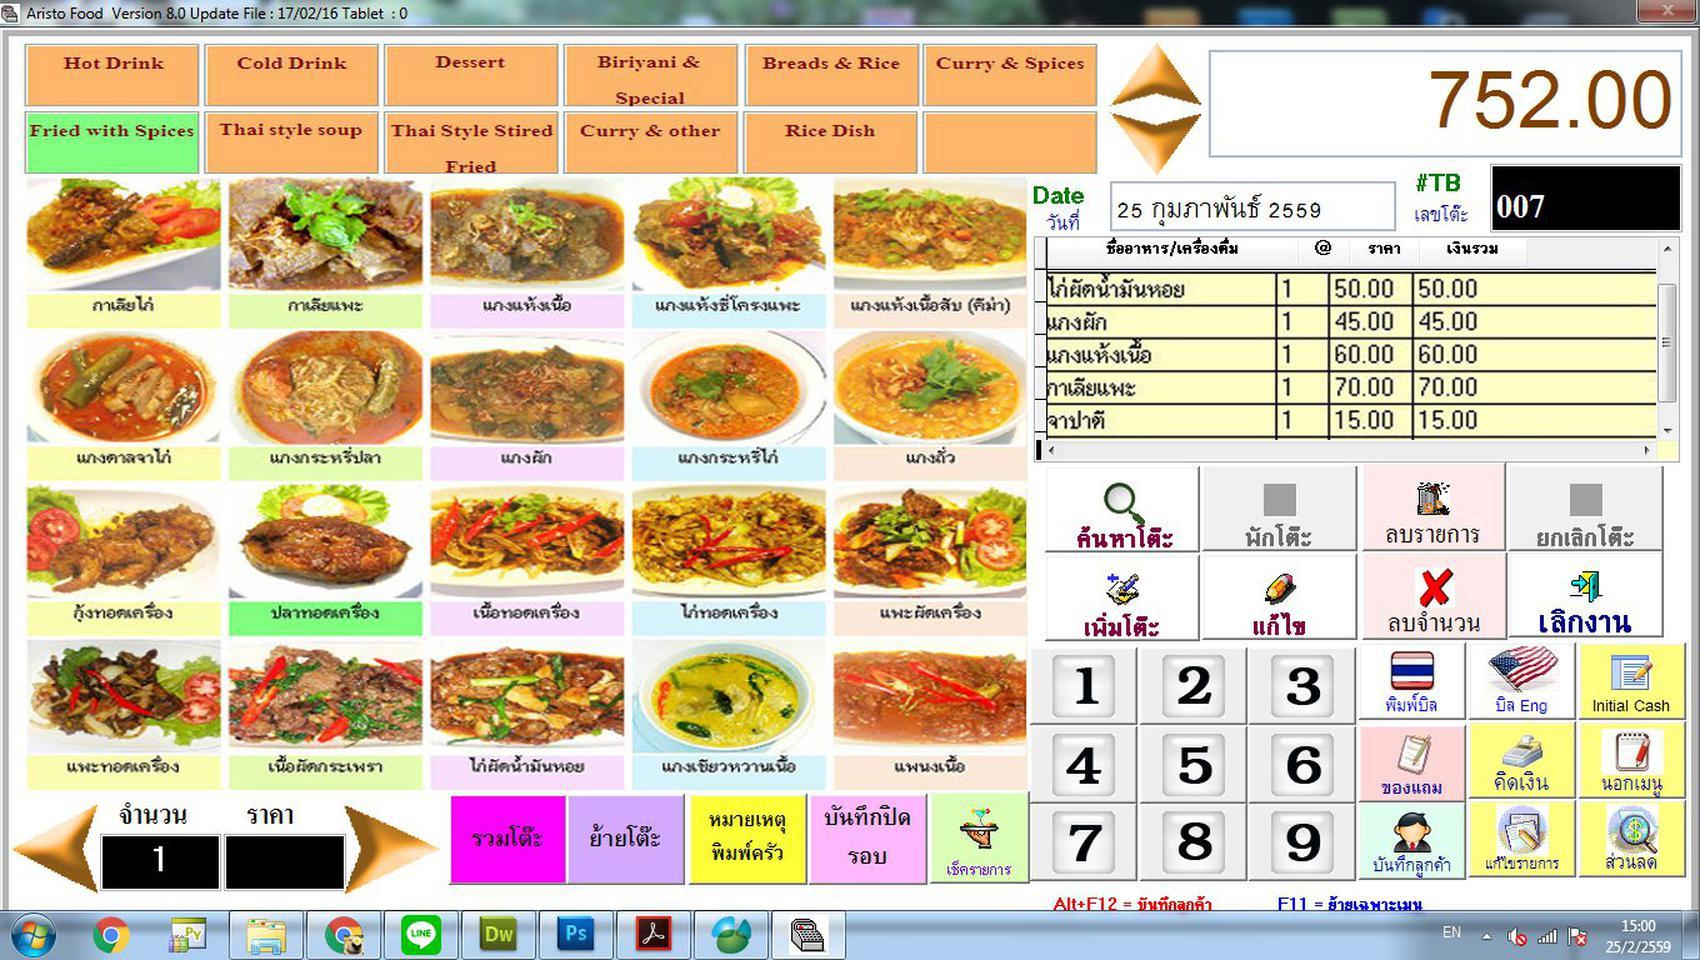 โปรแกรมร้านอาหาร , โปรแกรมภัตตาคาร , โปรแกรมผับ , โปรแกรมอาบอบนวด , โปรแกรมบริหารงานร้านอาหาร รูปที่ 2